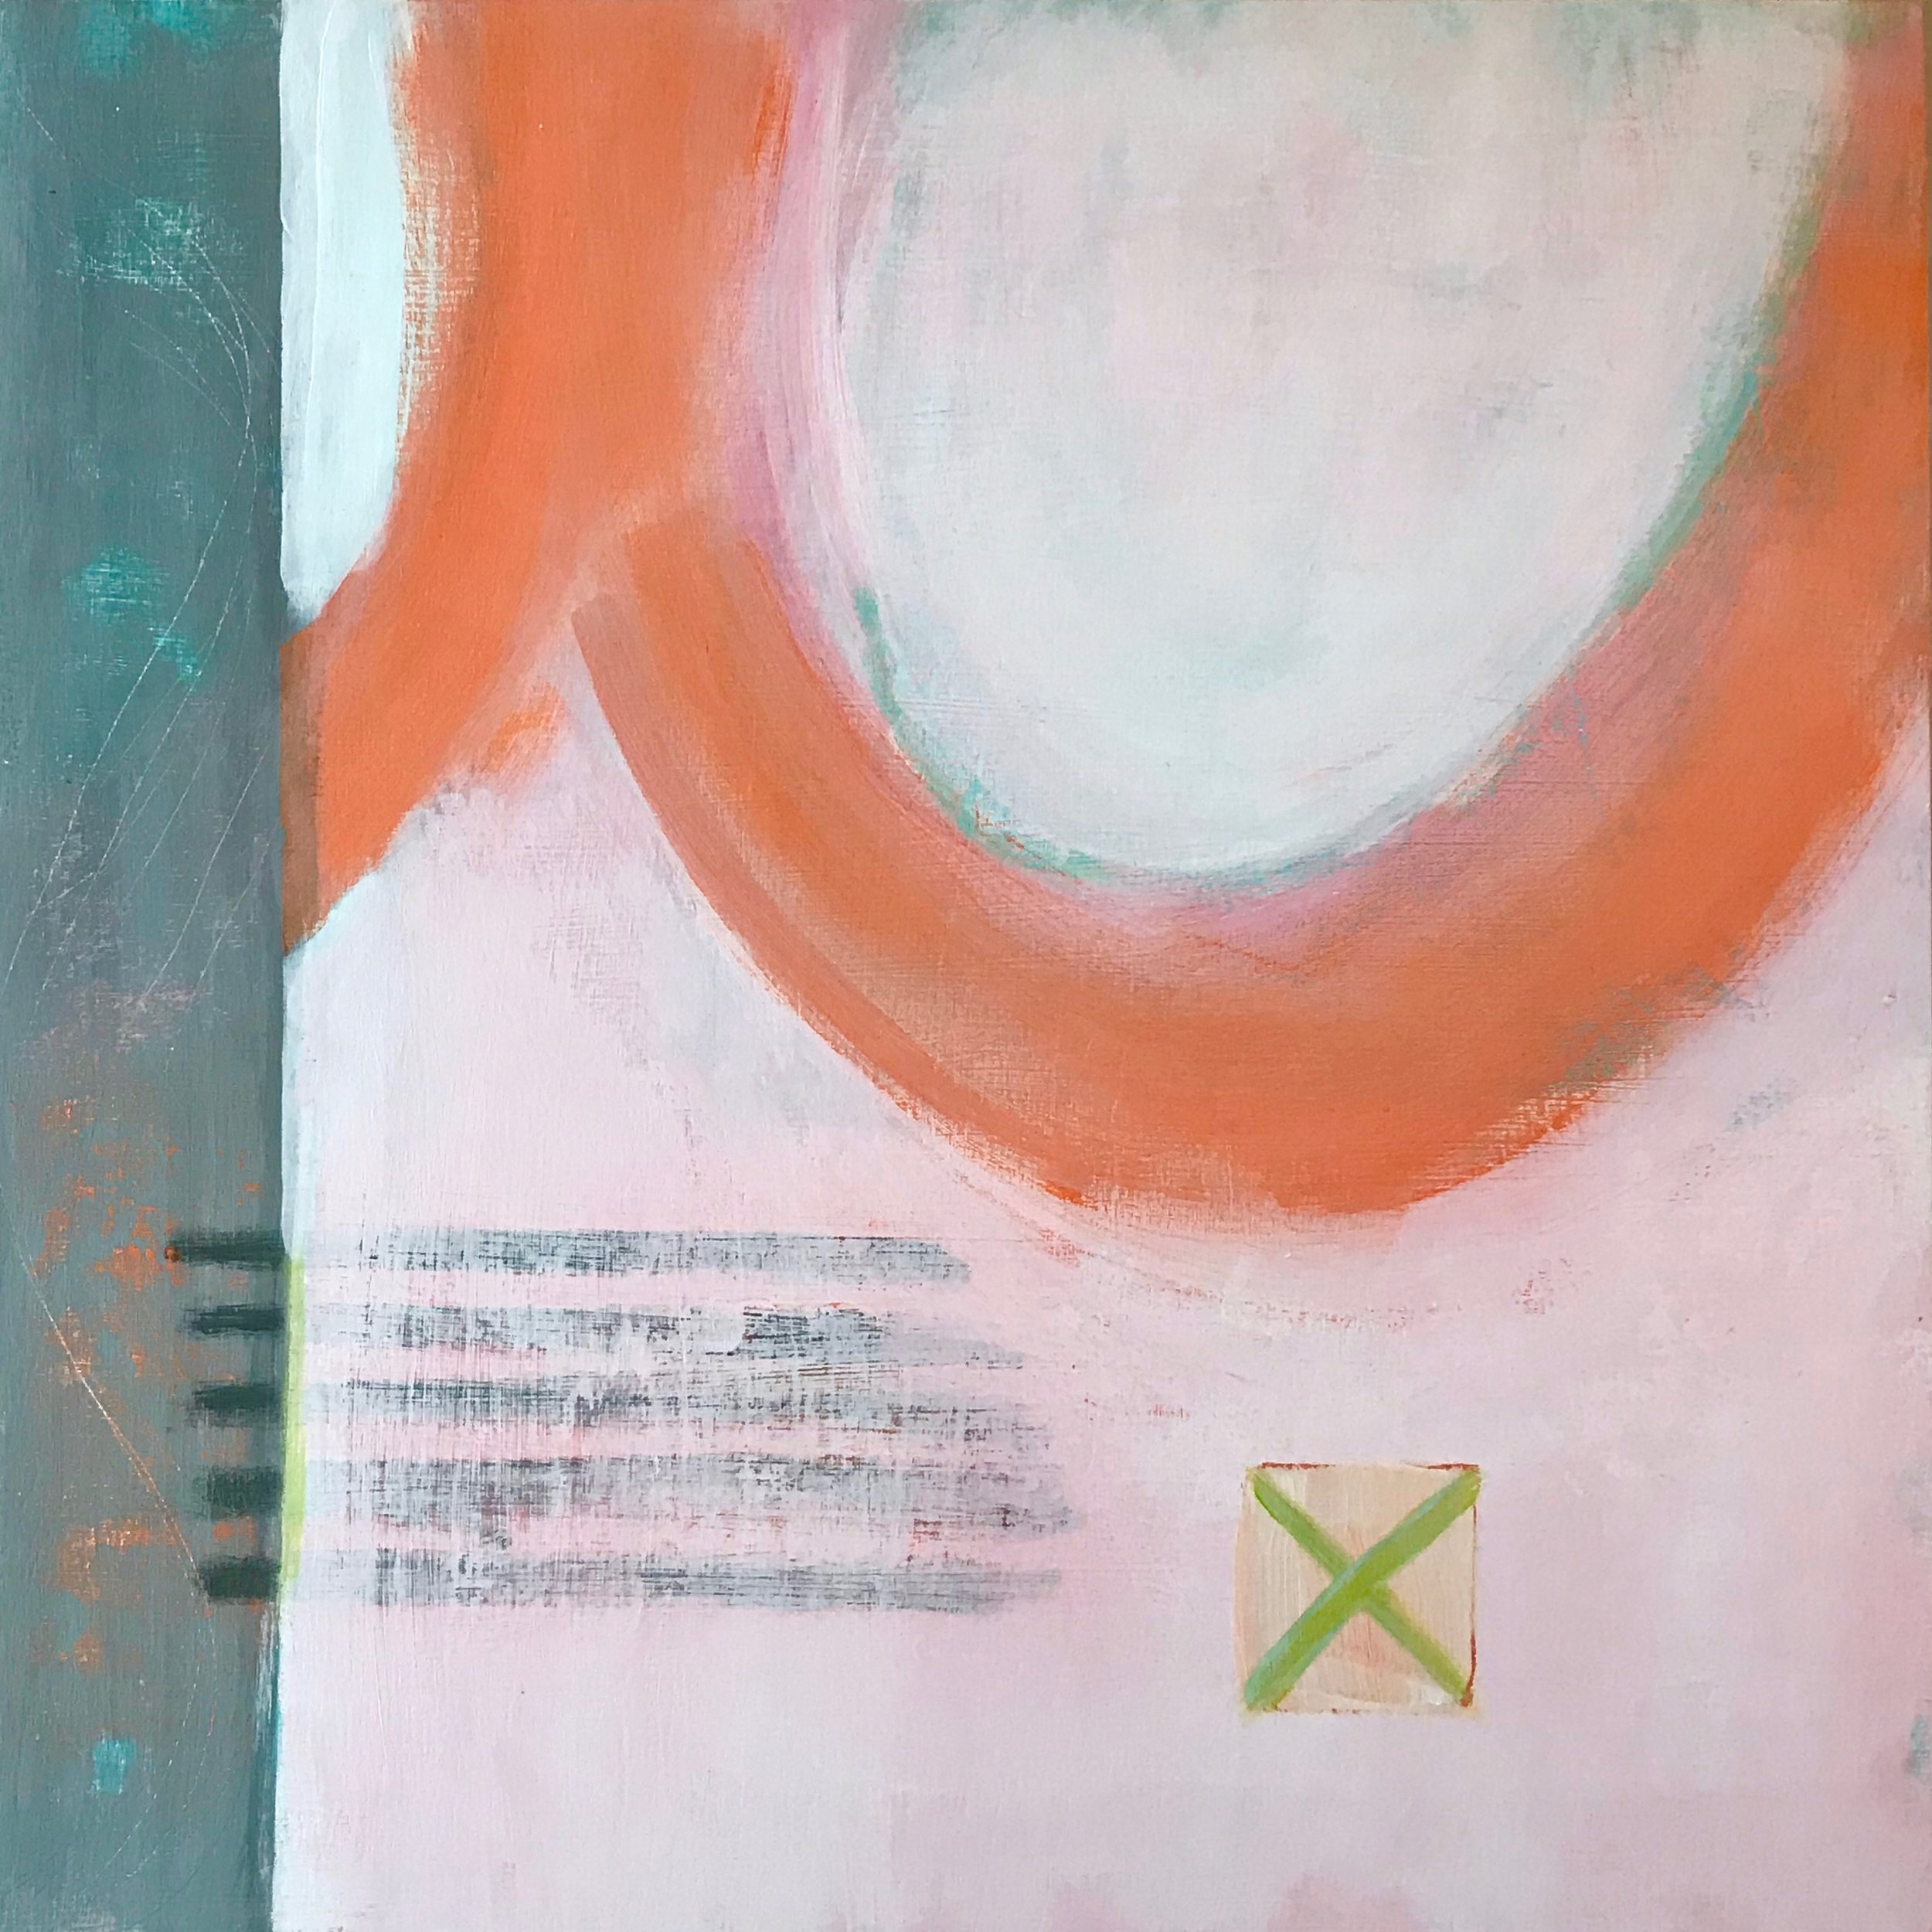 Gloria Freshley_%22Optimism%22_24%22 x 24%22_Acrylic on panel.jpg